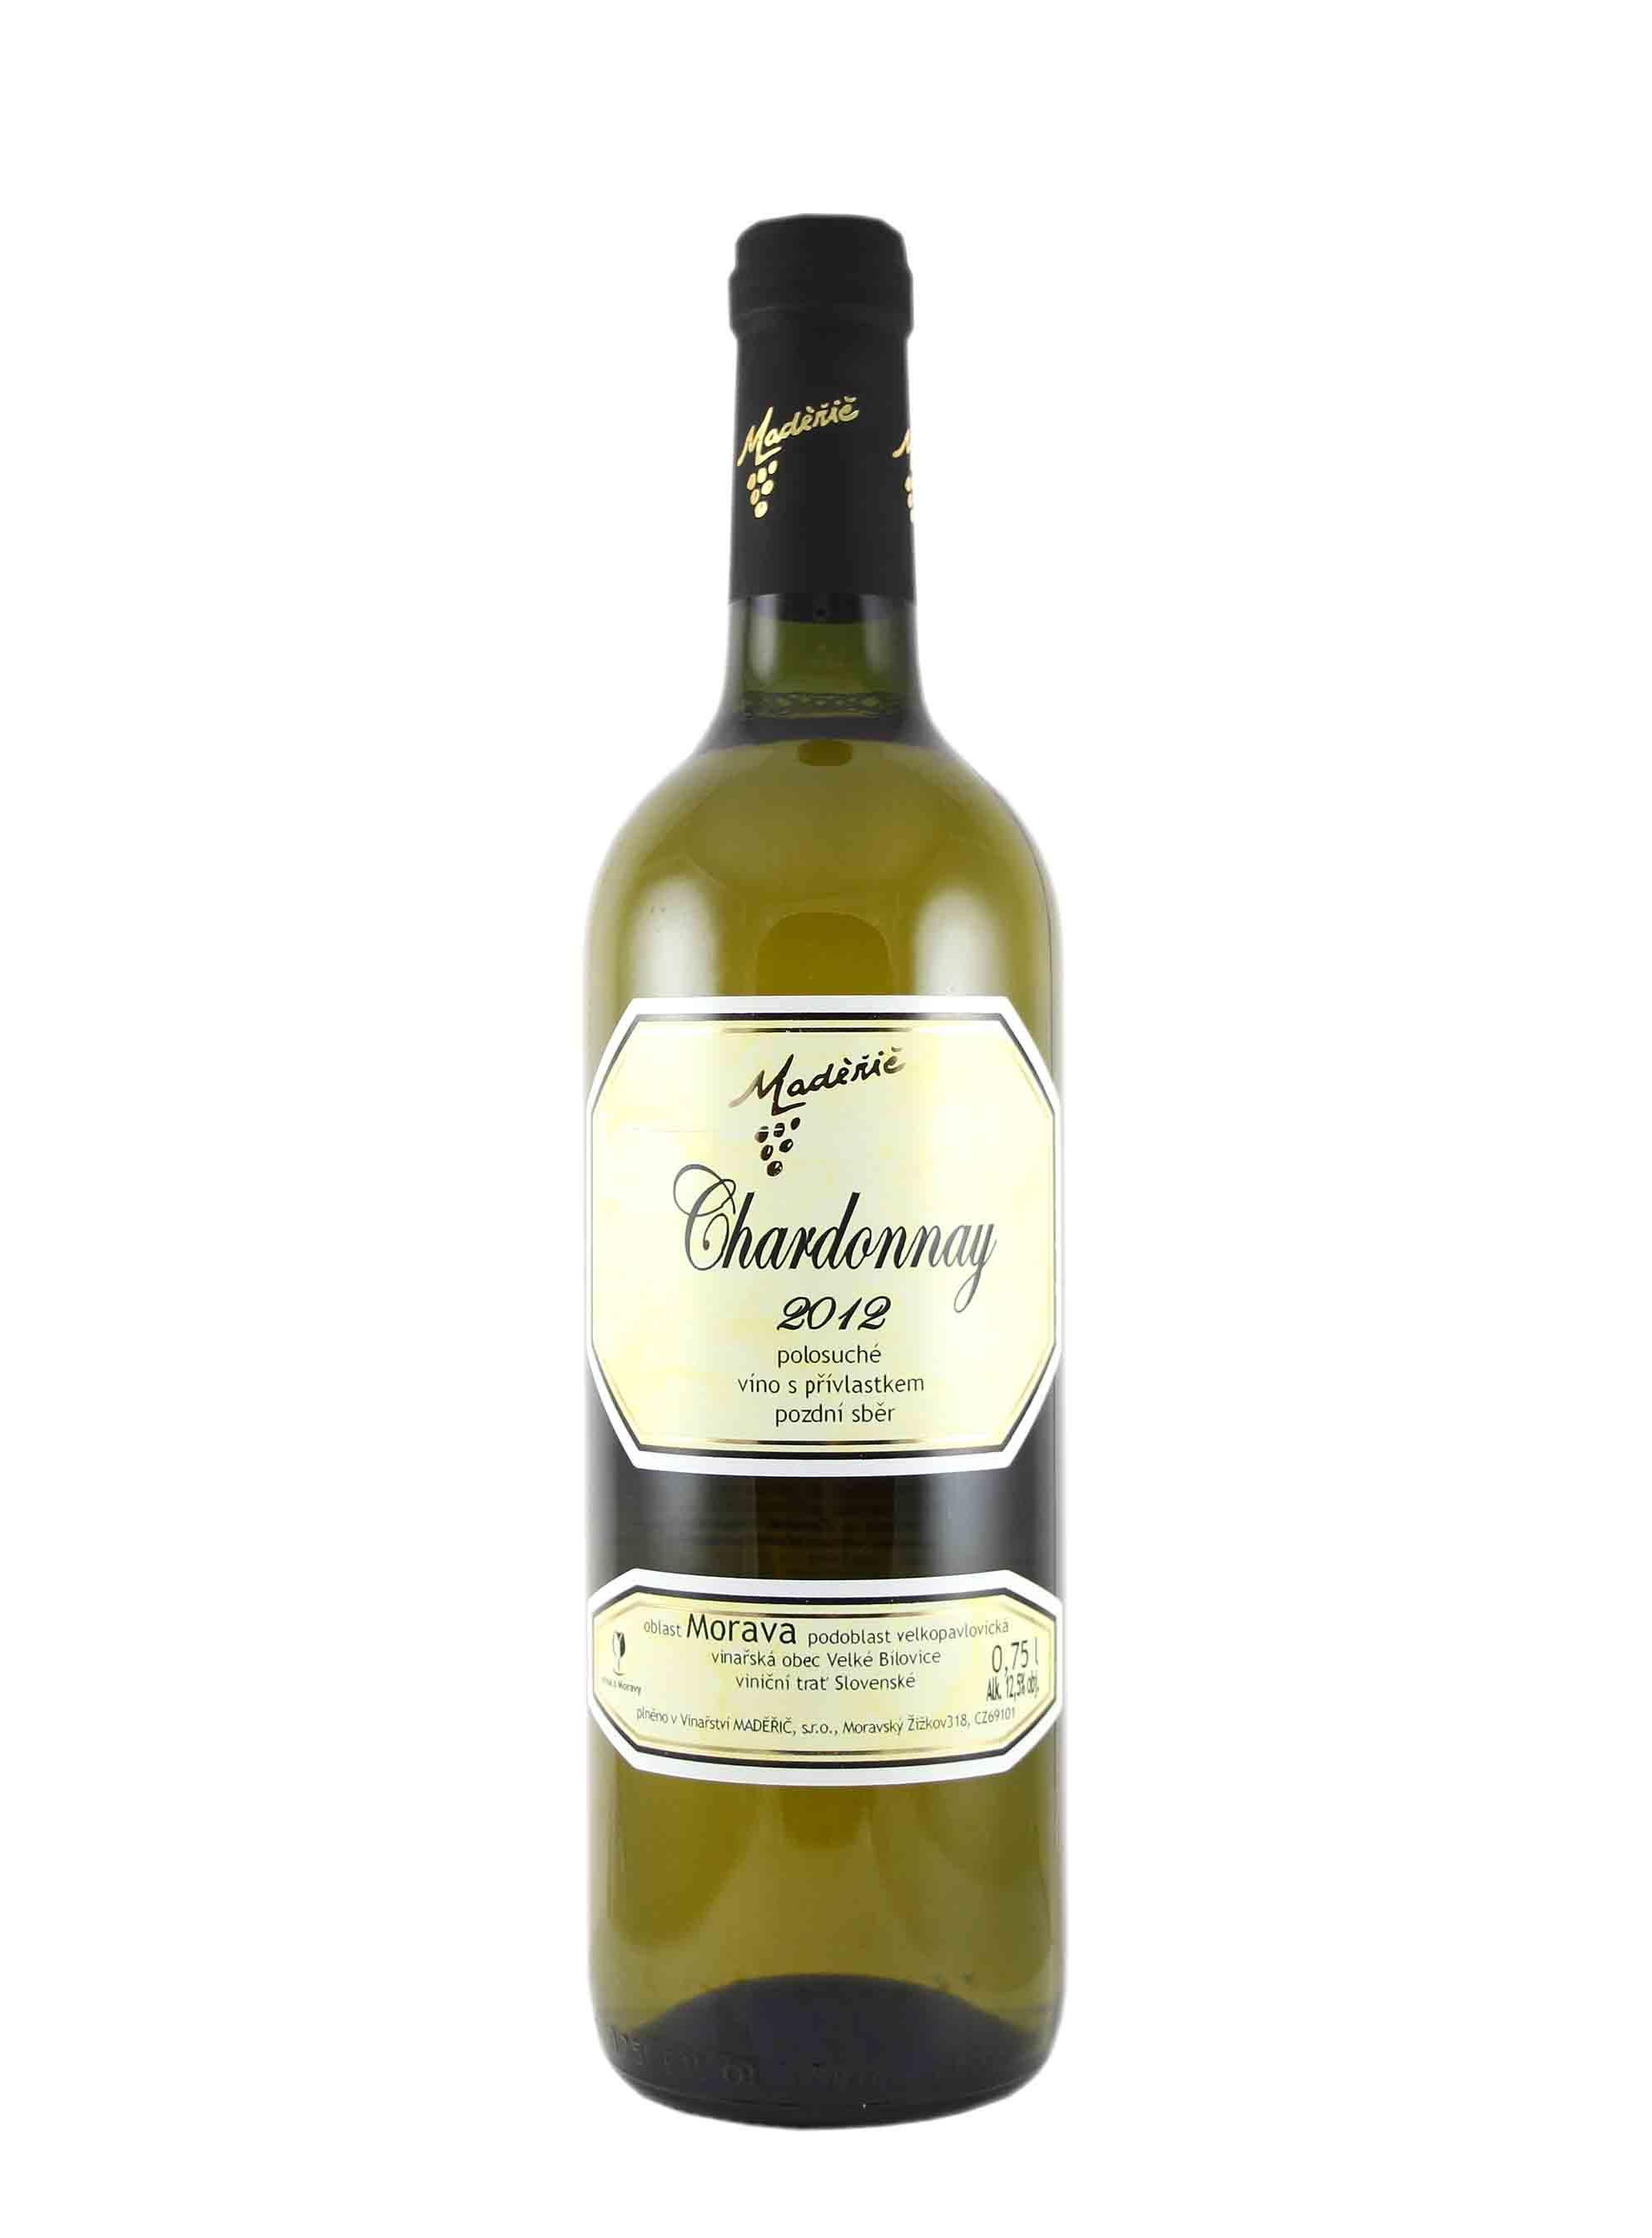 Chardonnay, Pozdní sběr, 2012, Vinařství Ludvík Maděřič, 0.75 l